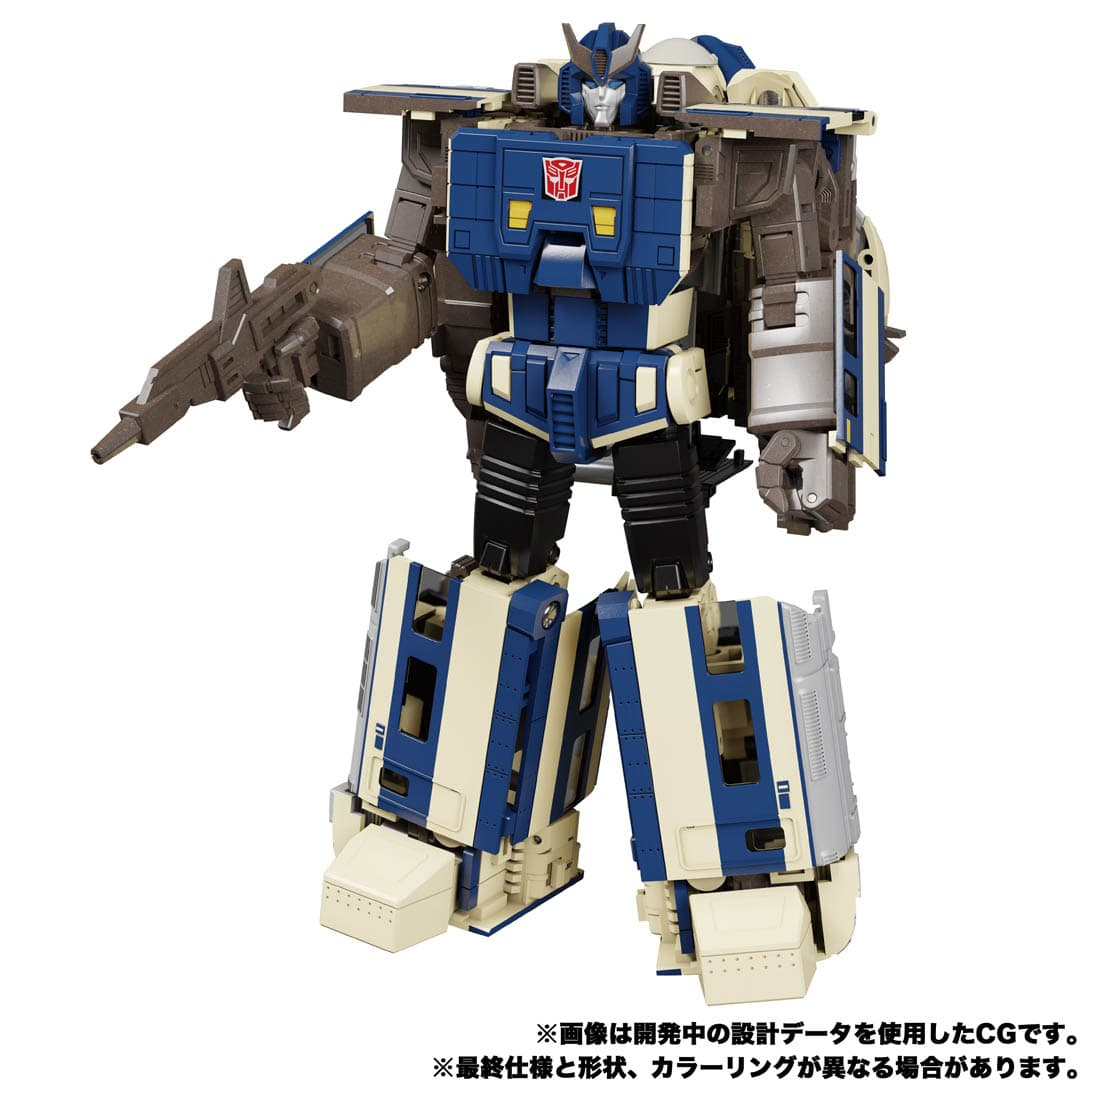 トランスフォーマー マスターピースG『MPG-01 トレインボット ショウキ』可変可動フィギュア-006